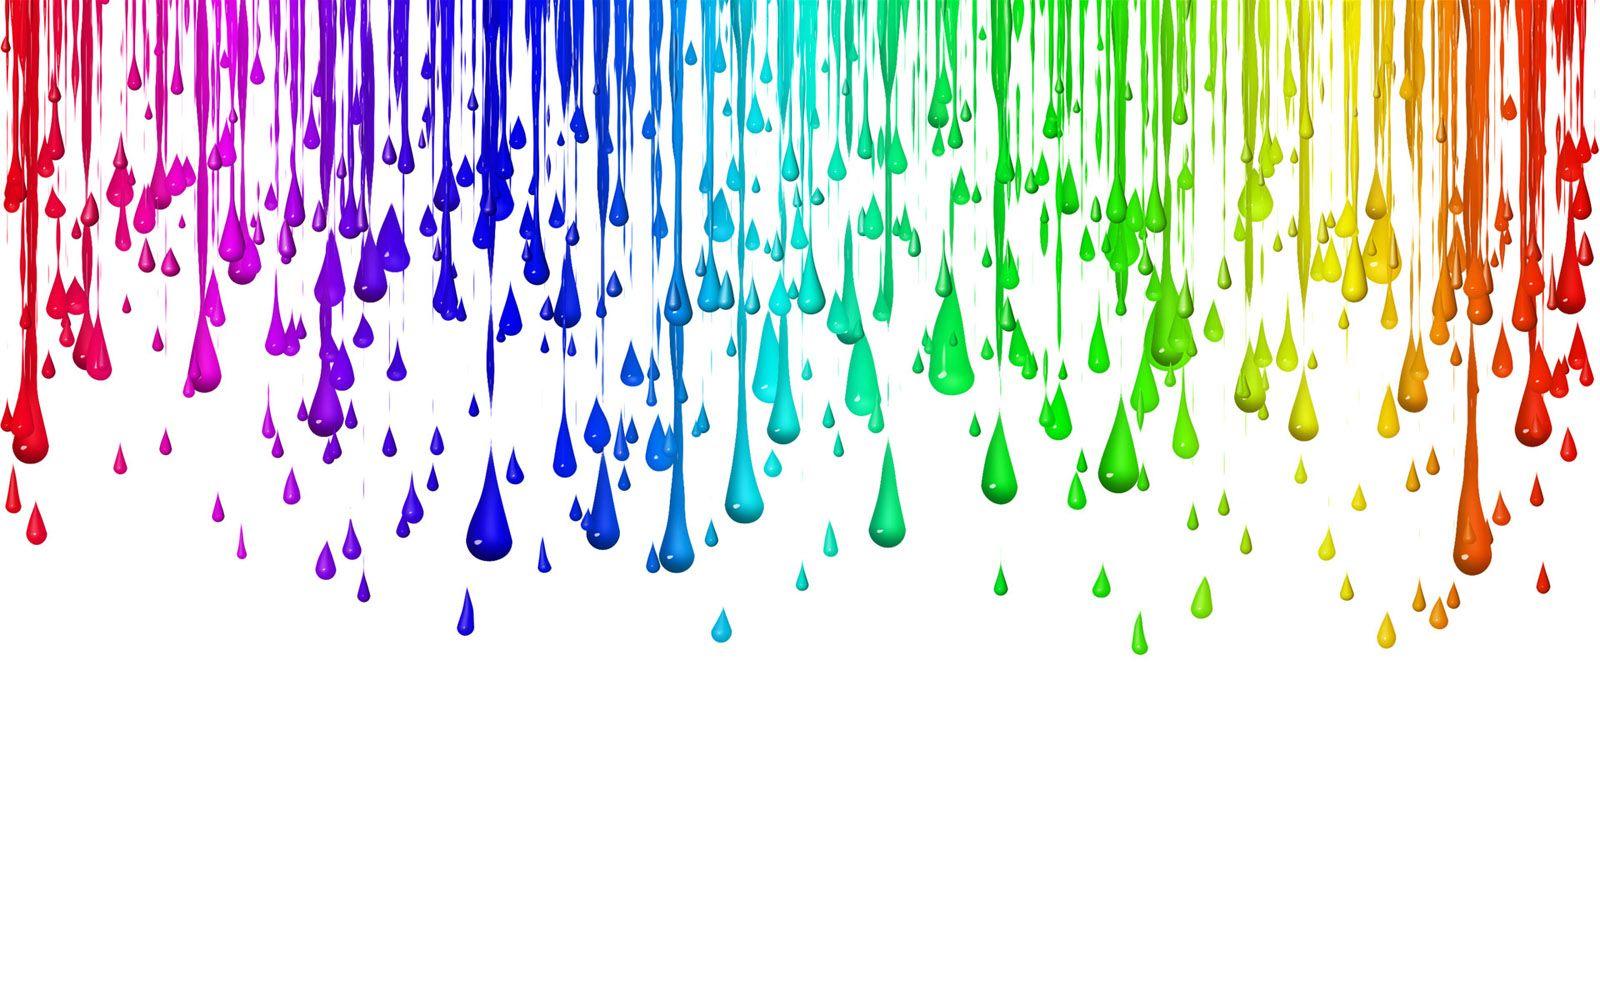 4k colour full wallpapers